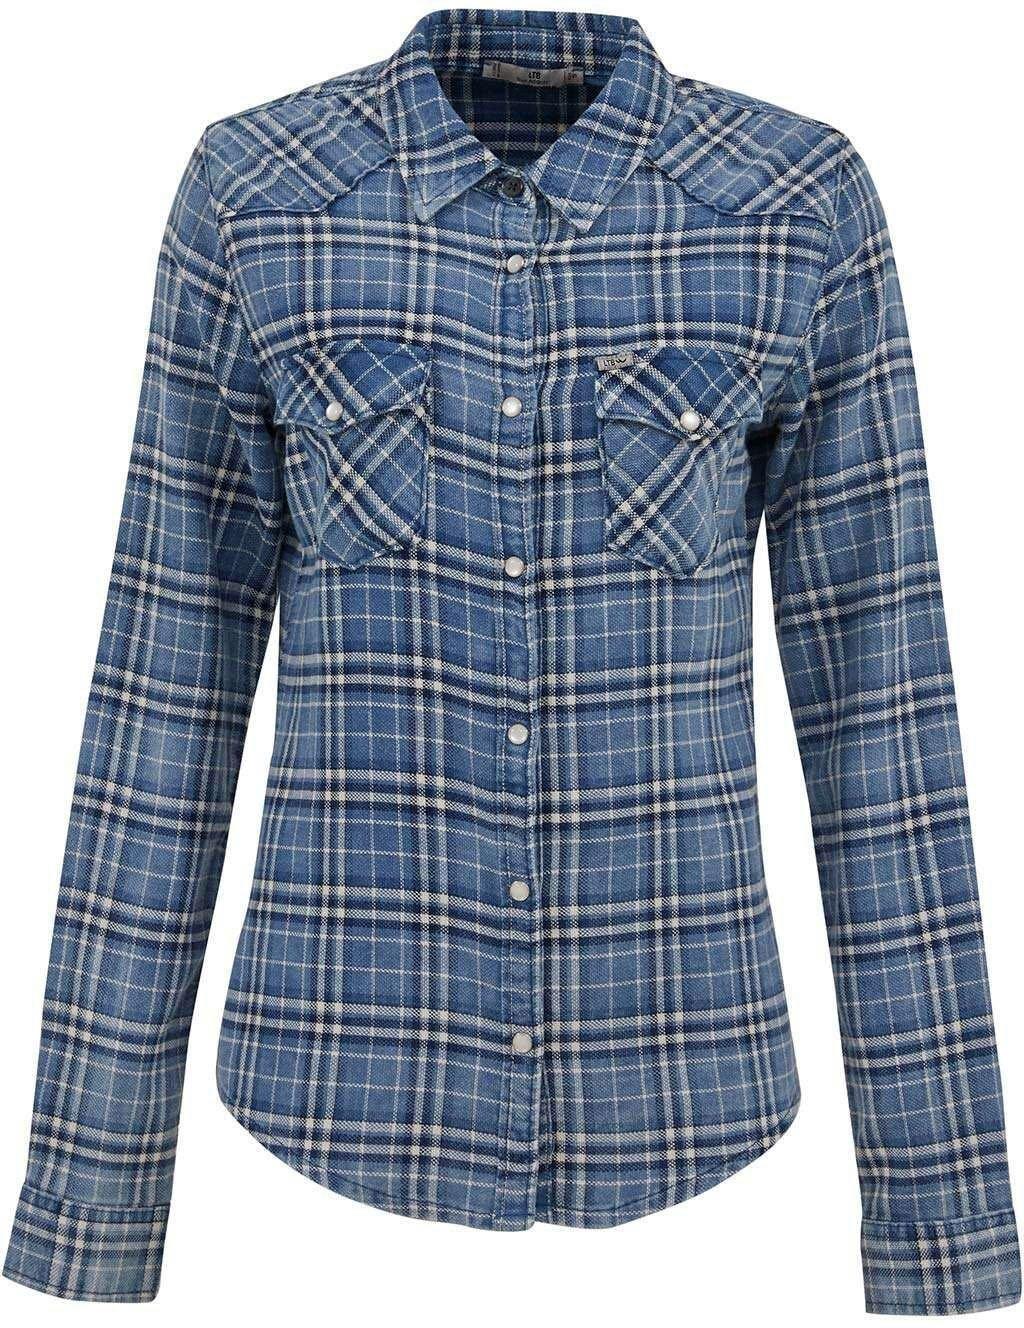 LTB blouse met lange mouwen LUCINDA met opgestikte borstzakken en met aansluitende pasvorm voordelig en veilig online kopen